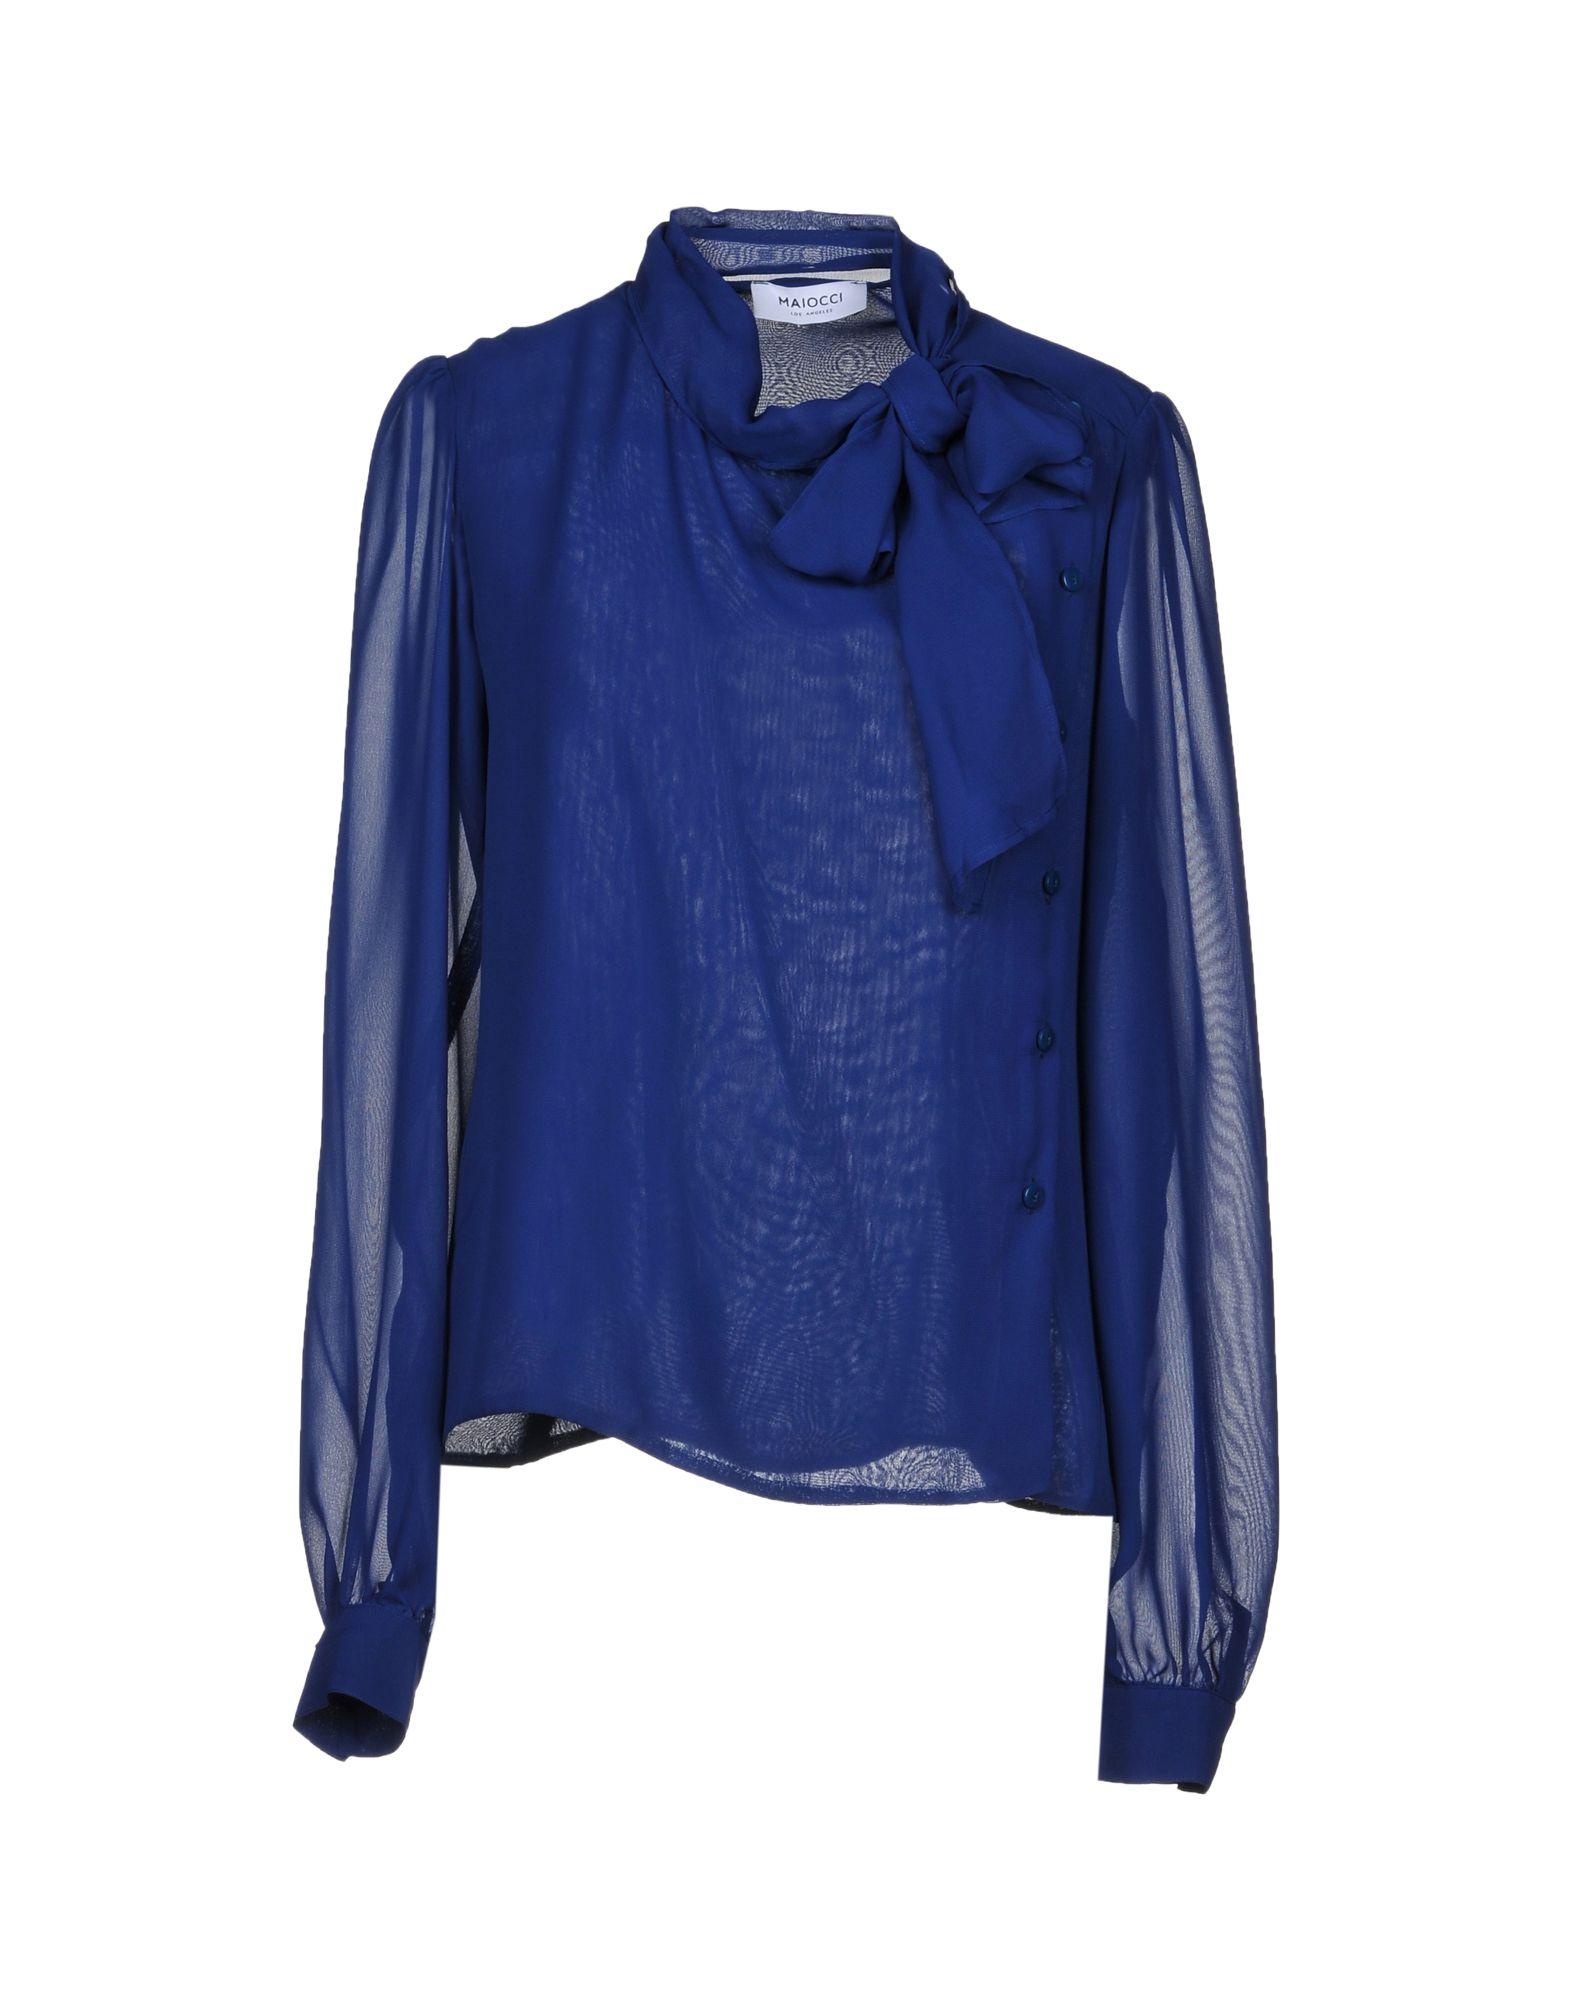 MAIOCCI Блузка maiocci pубашка